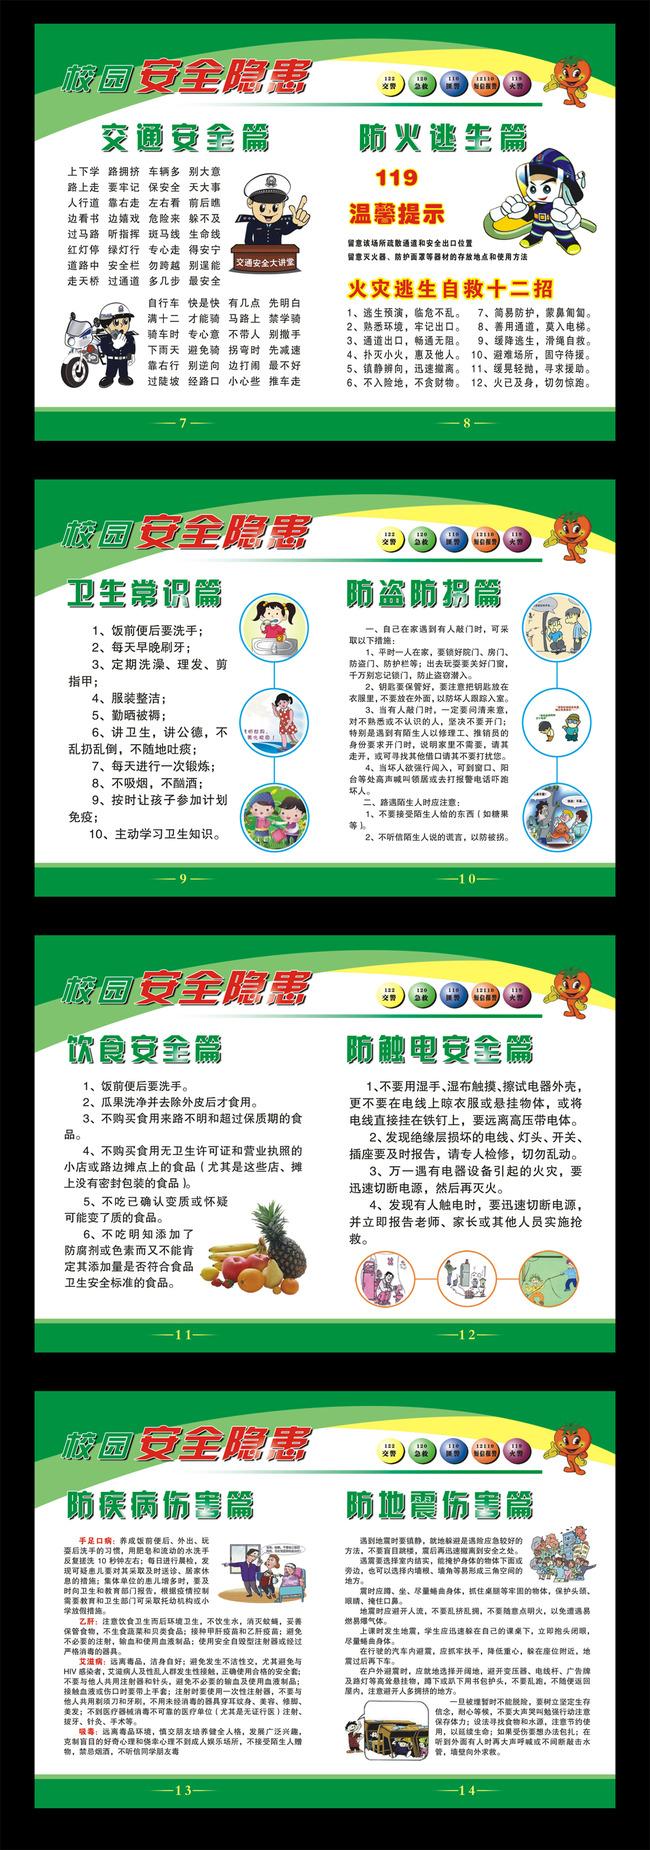 防火 学校安全手册 学校安全画册 宣传册 学校 小学 小学生 中学生